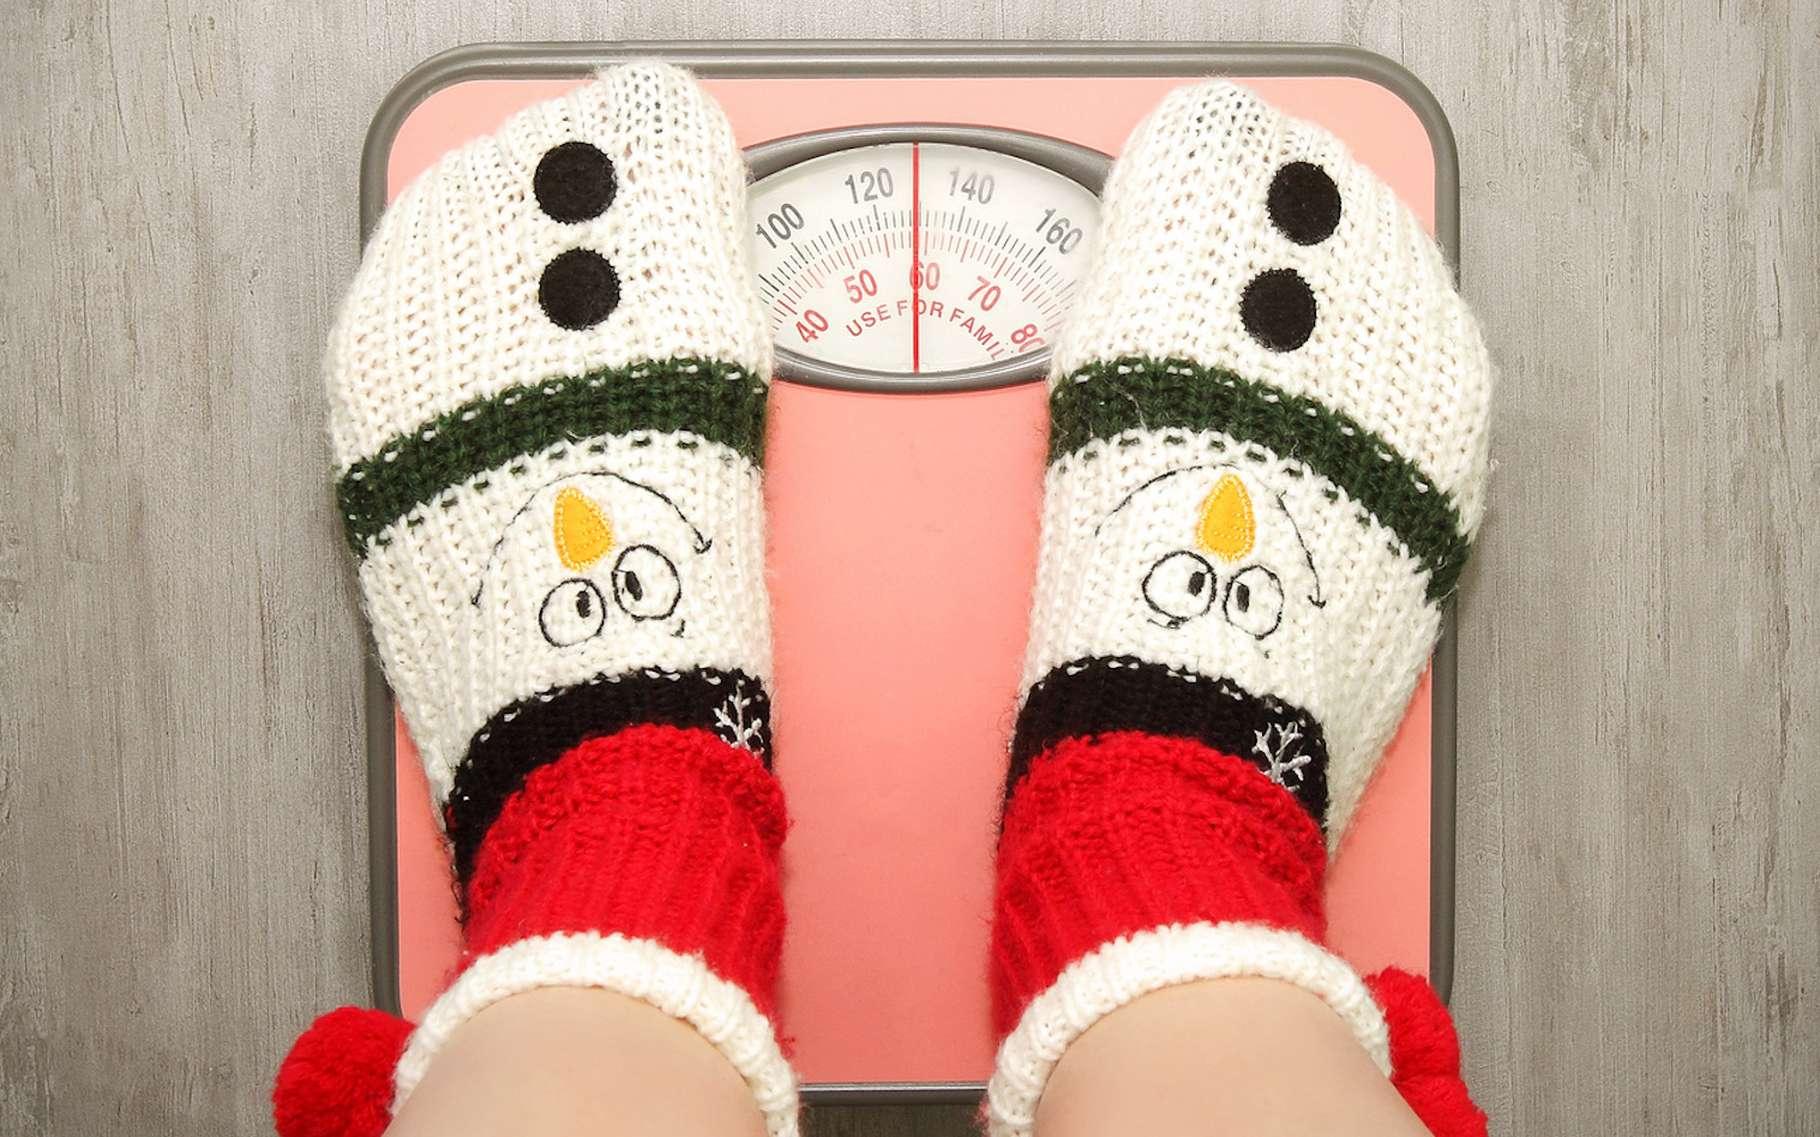 Même en hiver, il faut éviter de manger trop gras sous peine de prendre quelques kilos. © Anna81, Fotolia